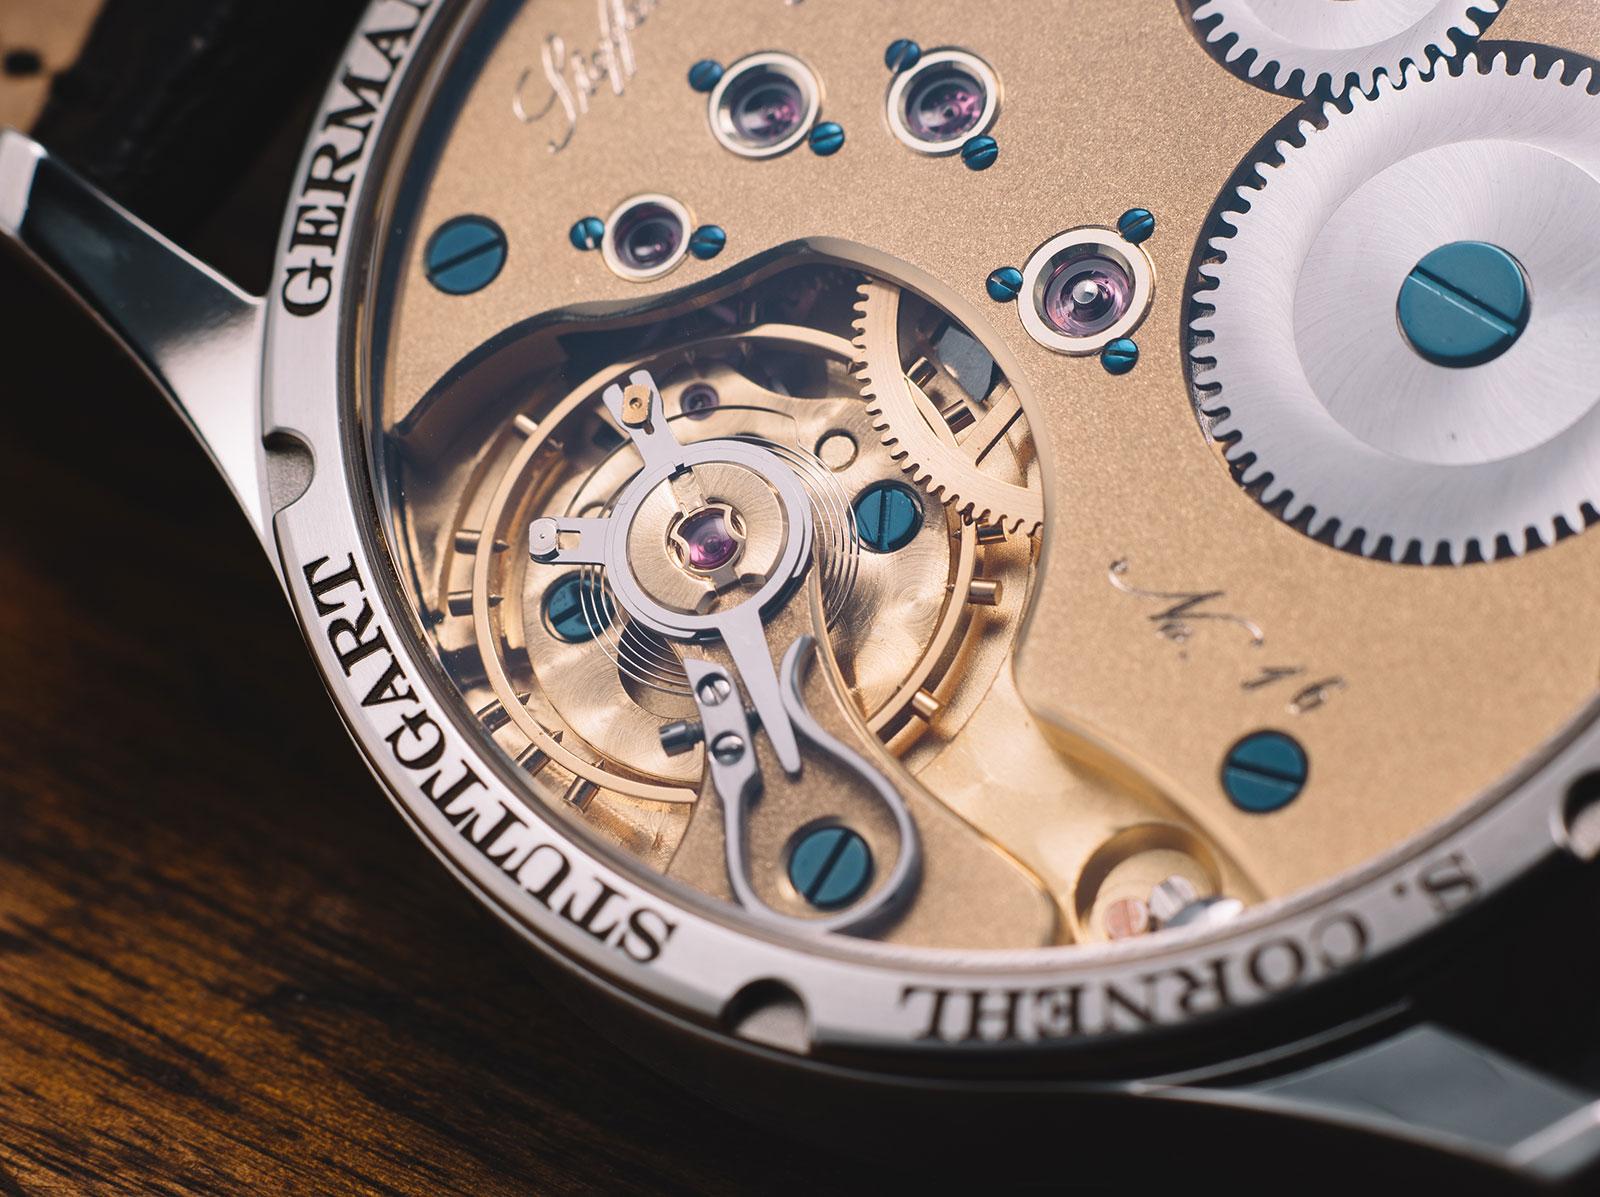 Cornehl Regulator SC1 watch 5